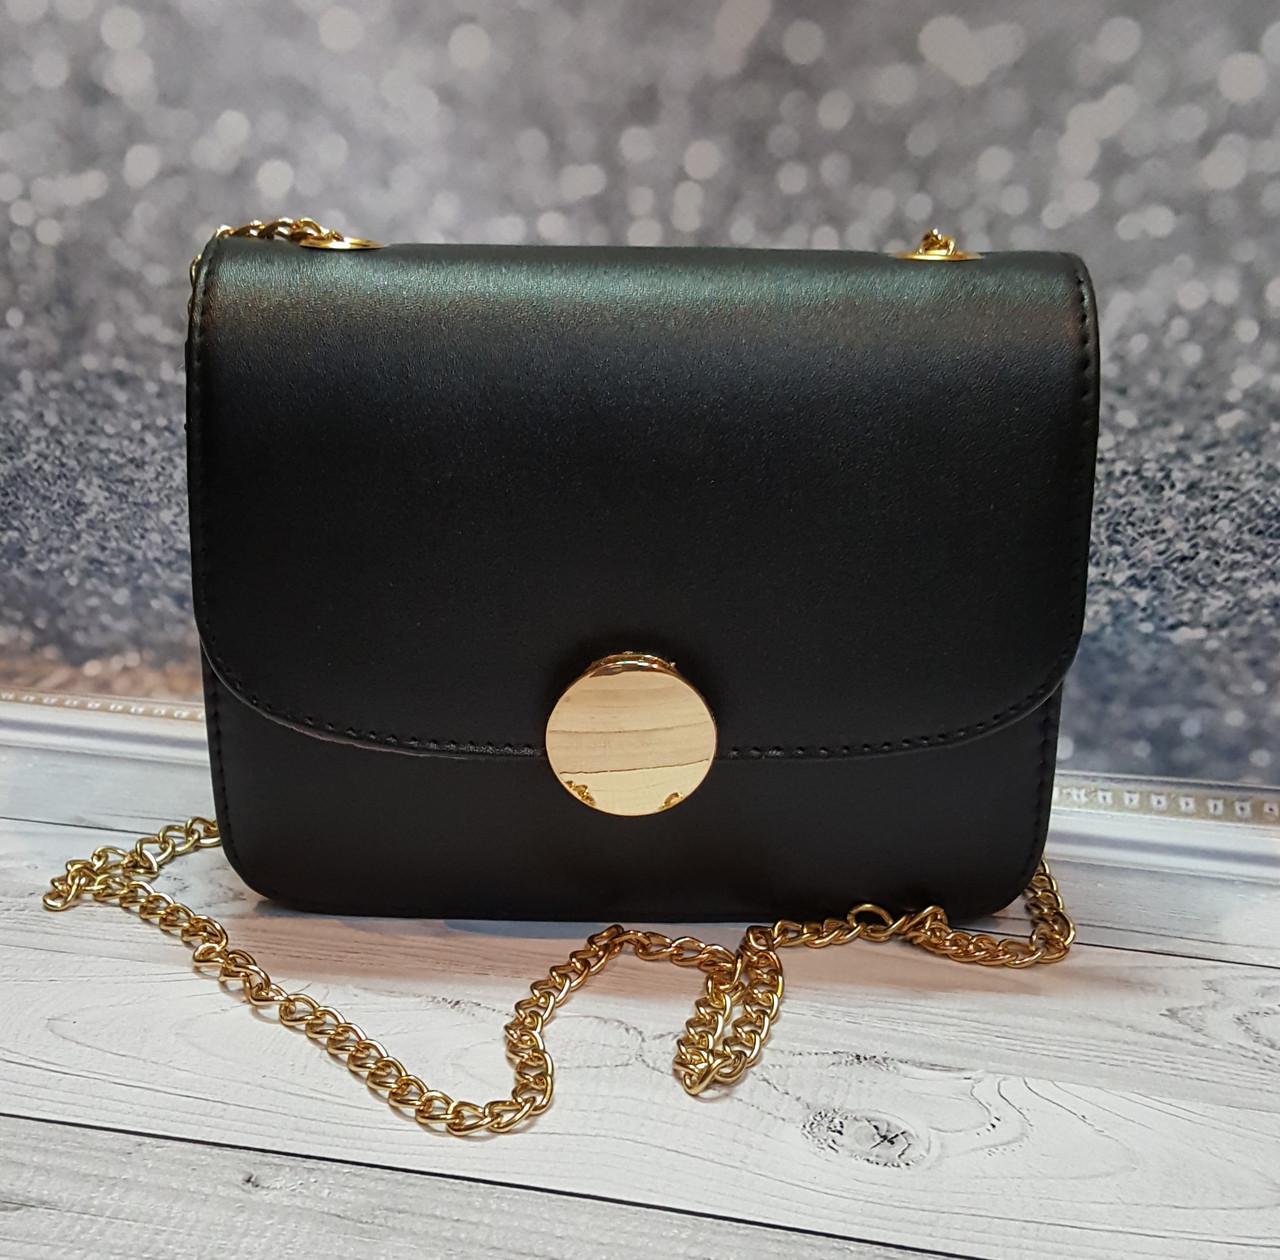 6198704adb11 Маленькая черная сумочка, на цепочке: продажа, цена в Виннице ...